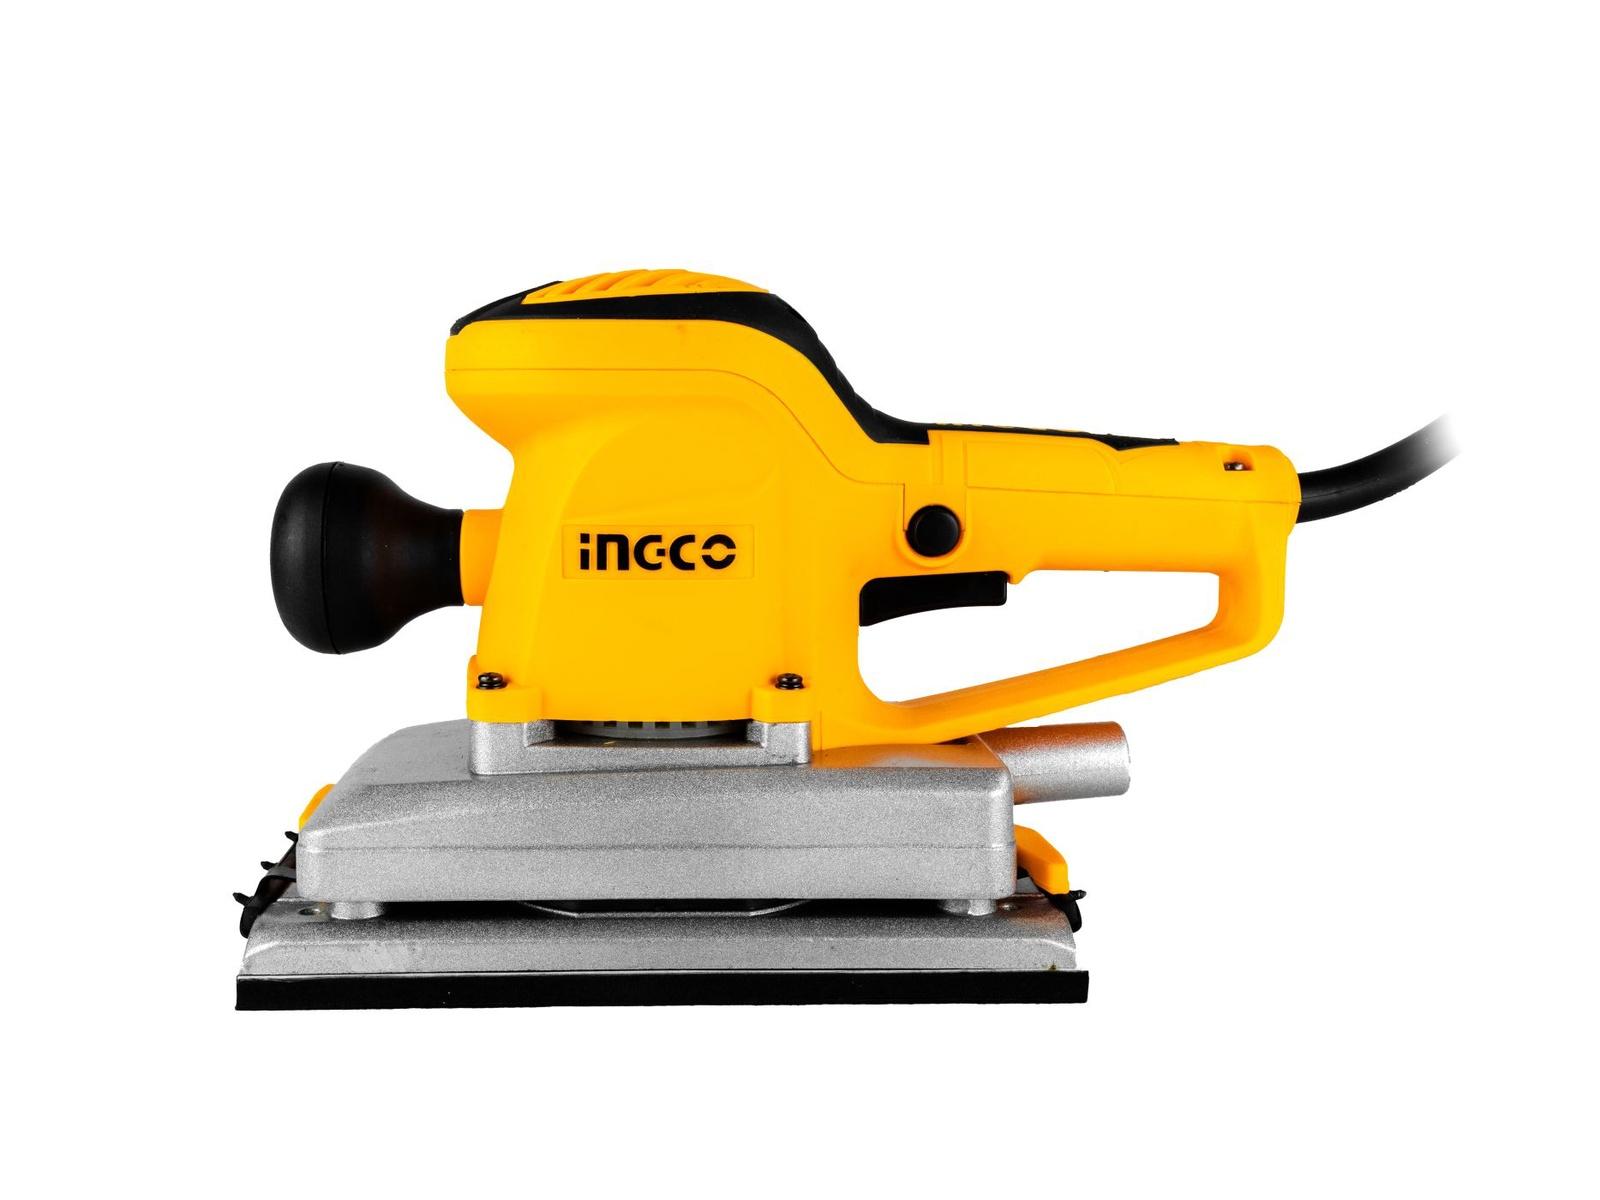 Шлифмашина вибрационная INGCO FS35028 INDUSTRIAL, 350Вт, 11000об/мин, 220*110мм, оснастка машина шлифовальная вибрационная stomer sfs 223